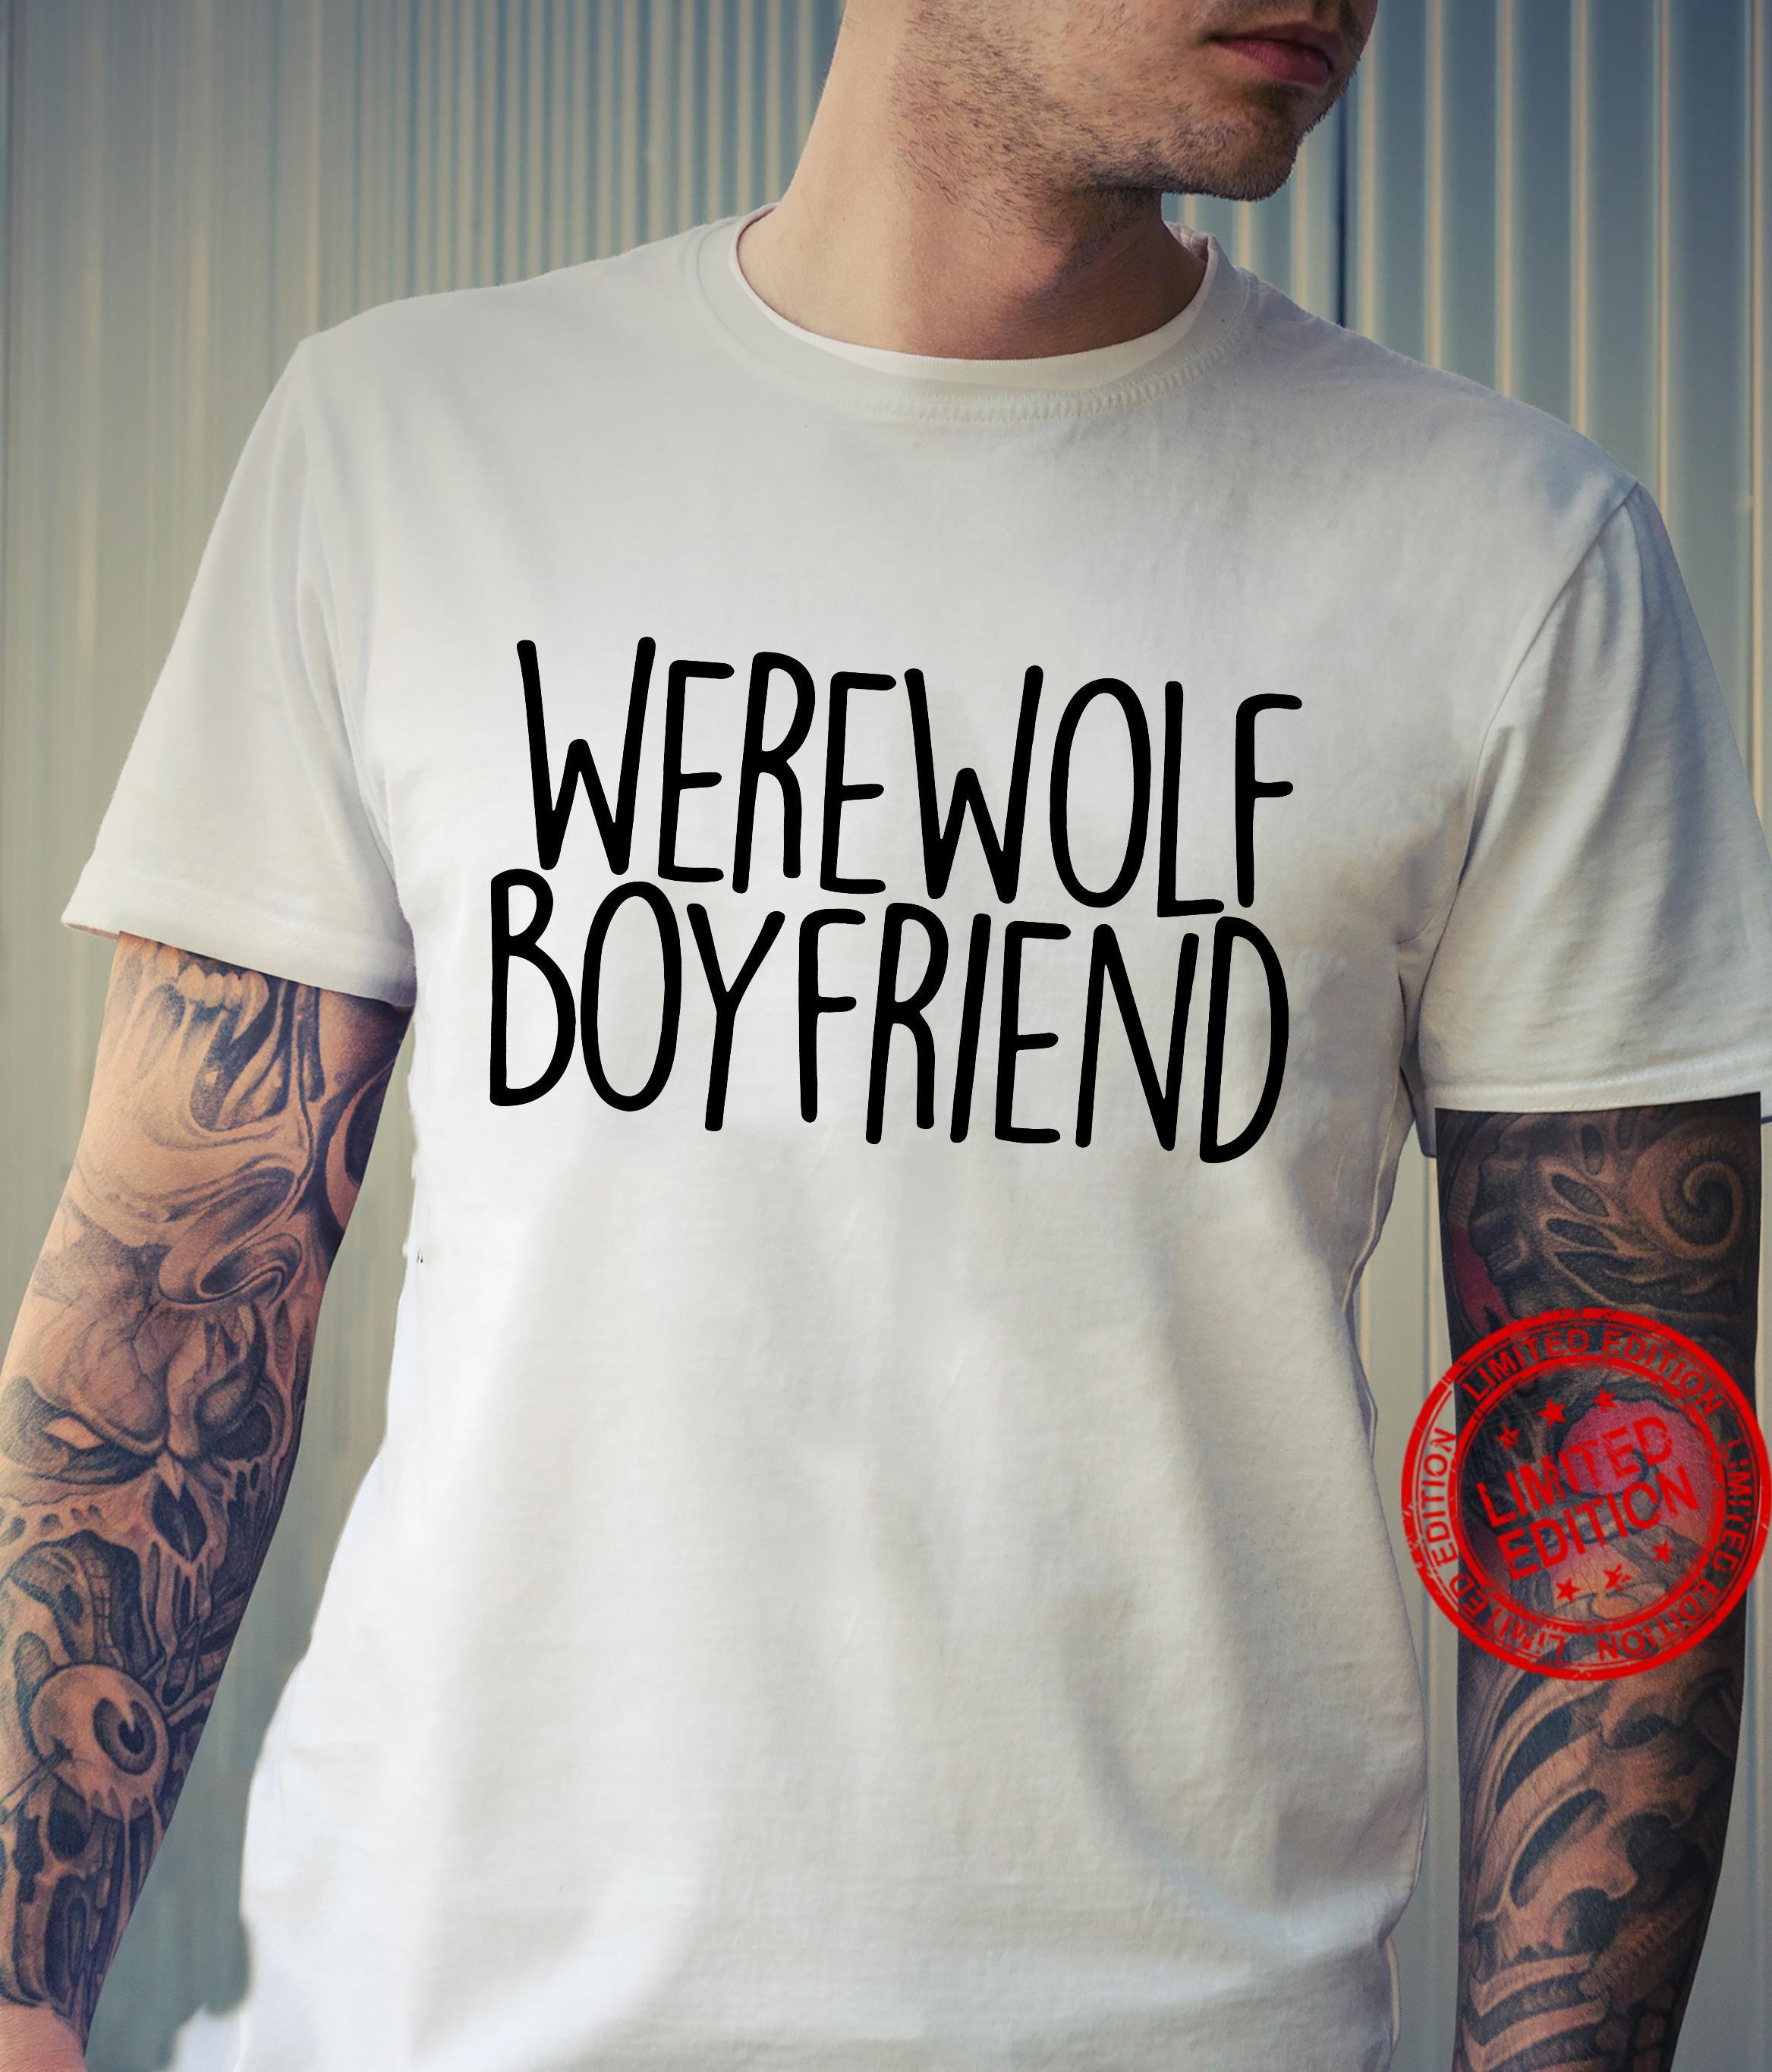 Were wolf boy friend shirt